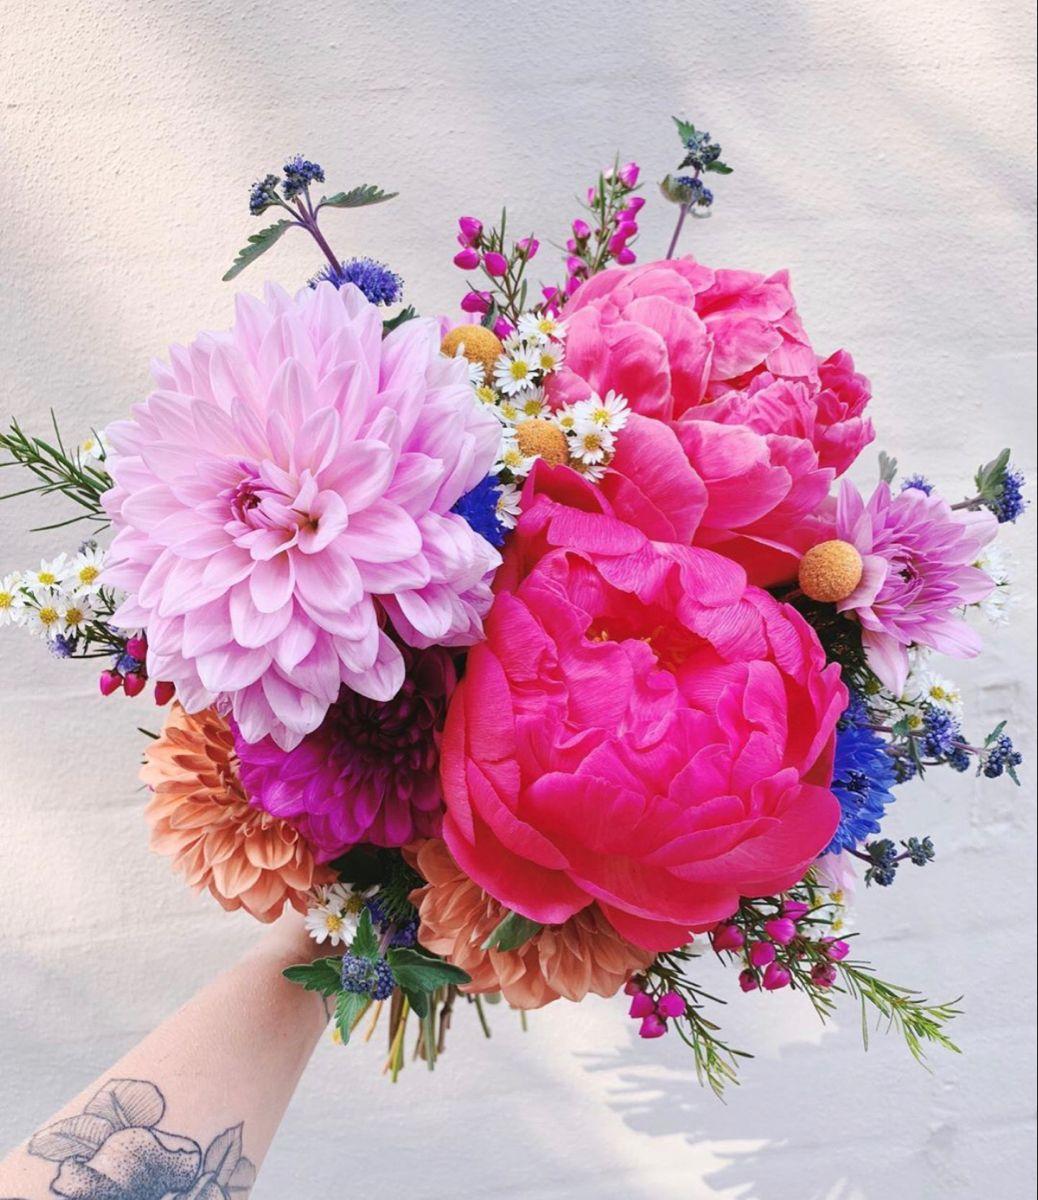 Peony Bouquet In 2020 Wedding Flowers Peonies Flower Arrangements Diy Centerpieces Wedding Flowers